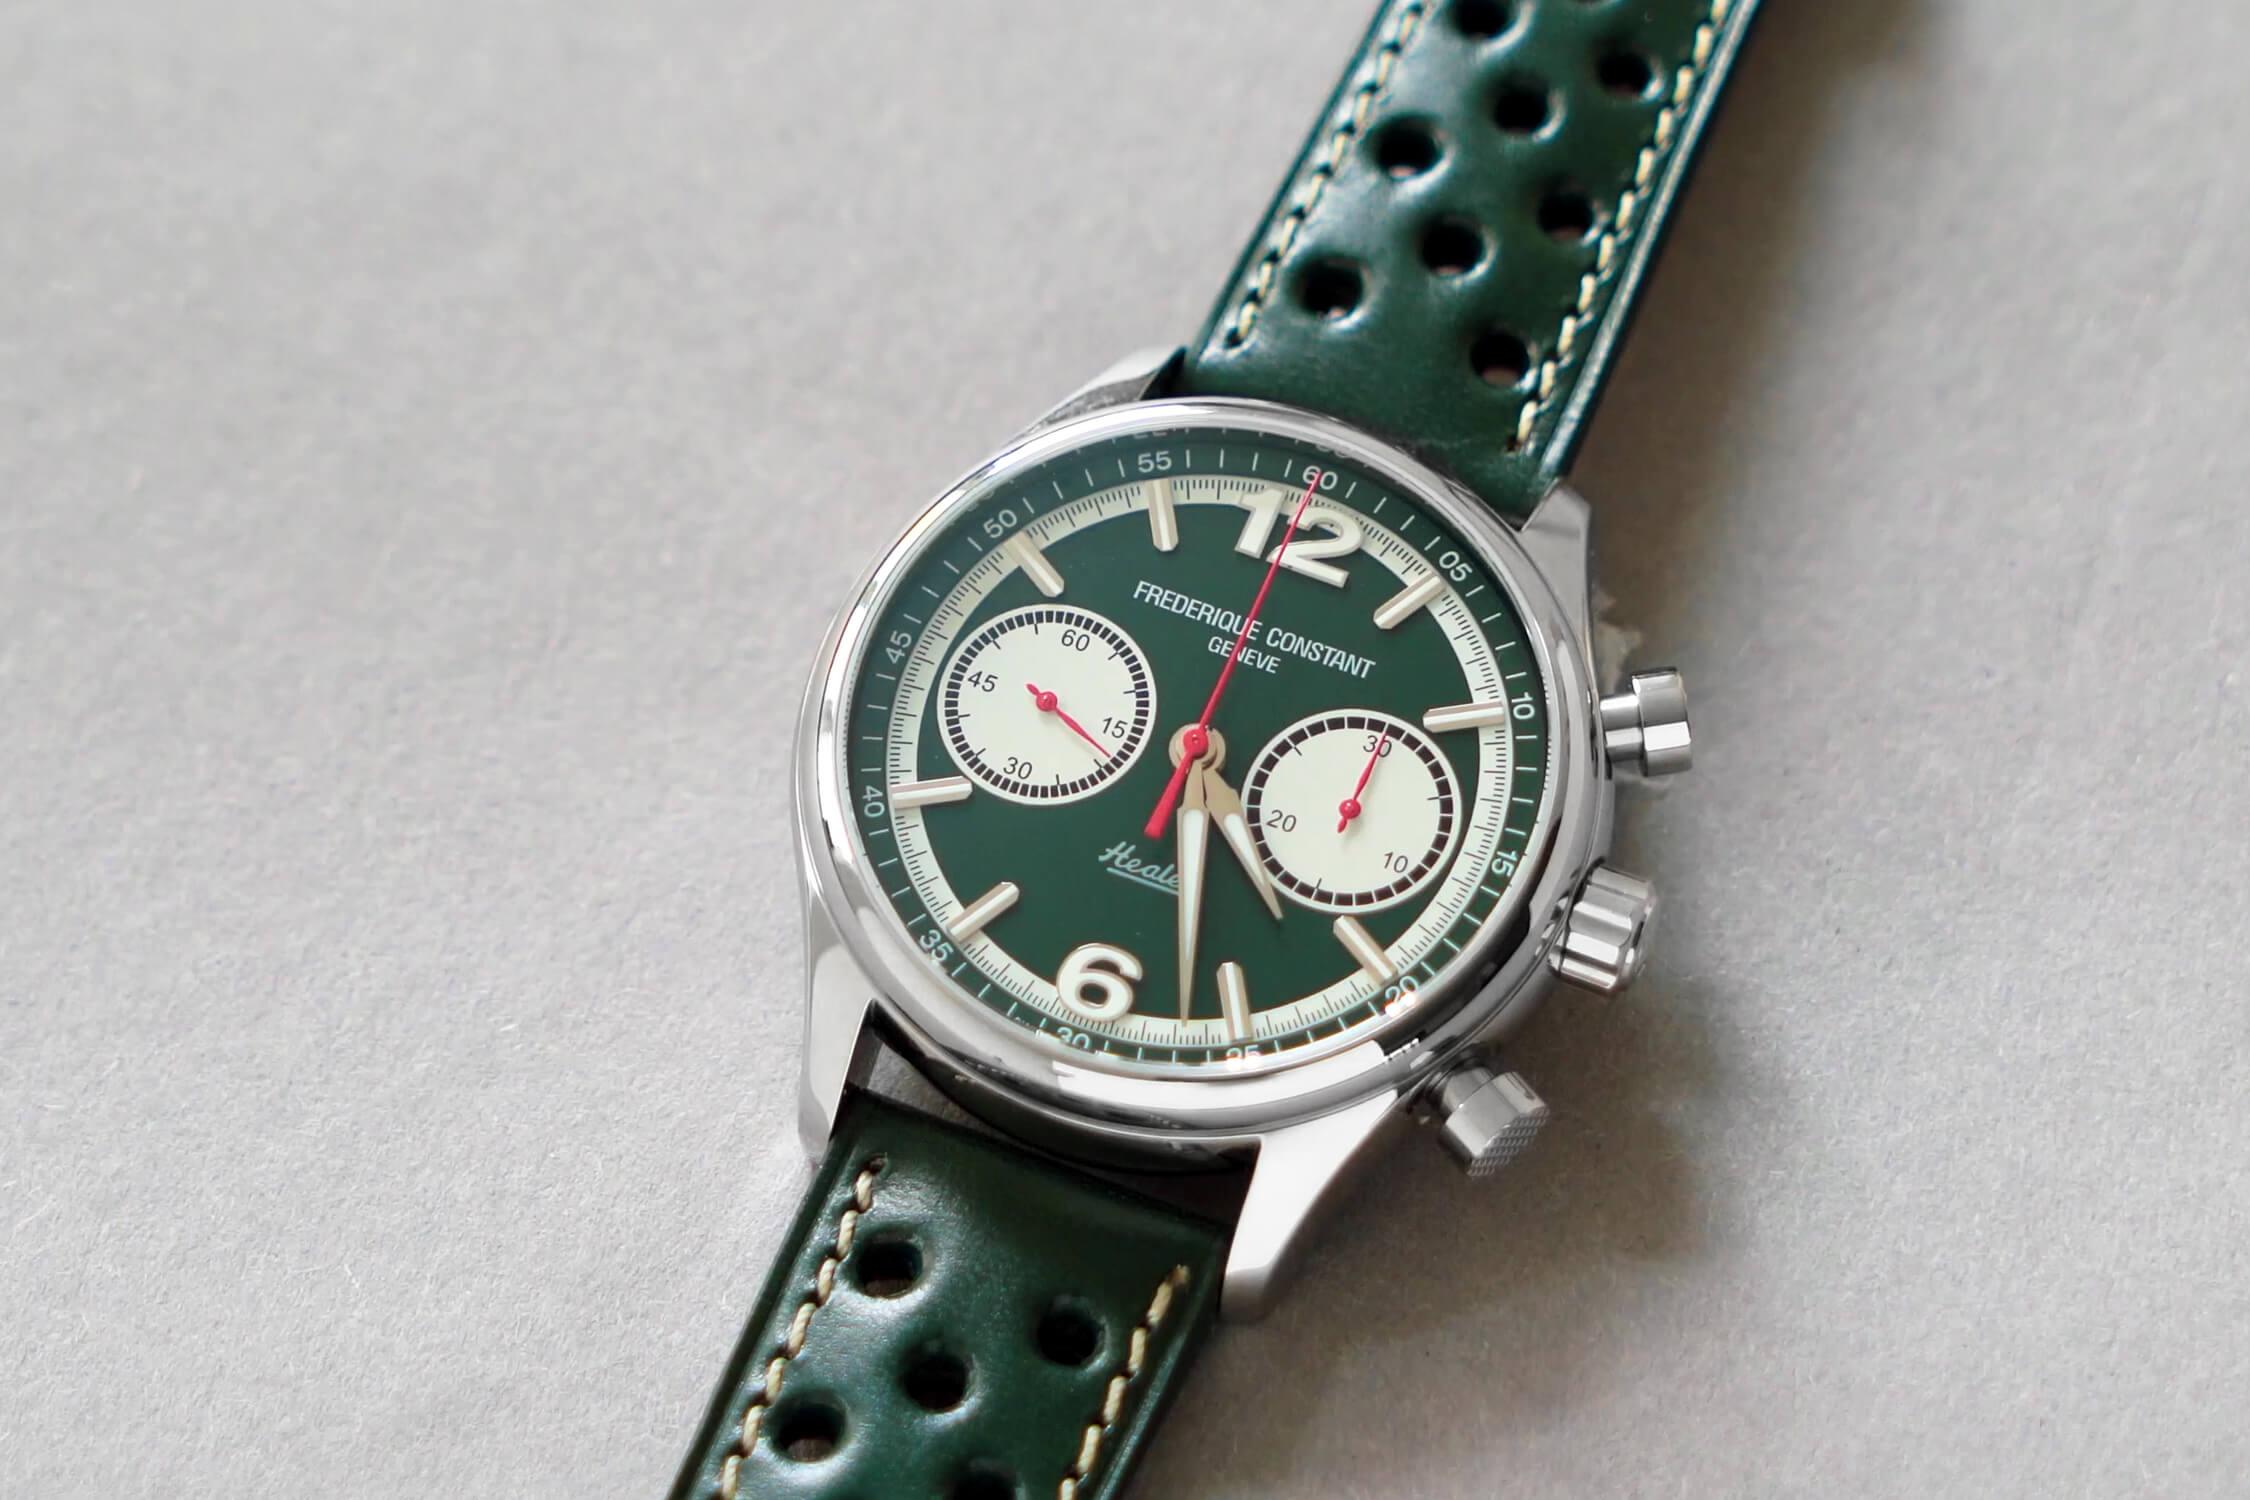 фредерик констант vintage rally healey chronograph automatic